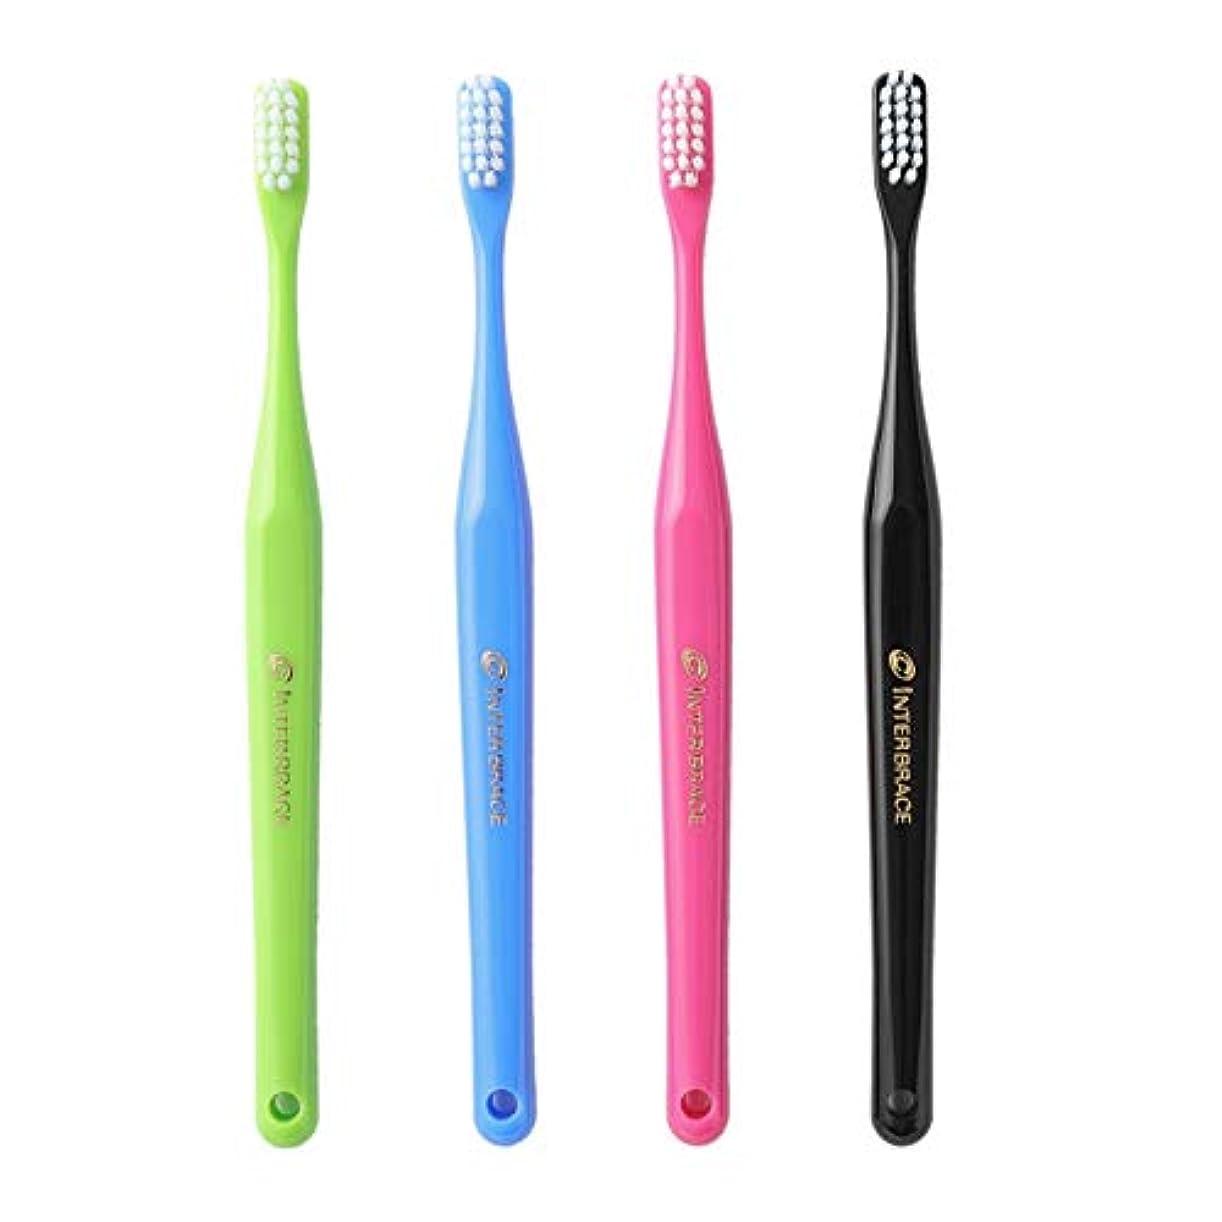 より良い自我つぶやきインターブレイス インターブレイス 矯正用山型 歯ブラシ 20本セット